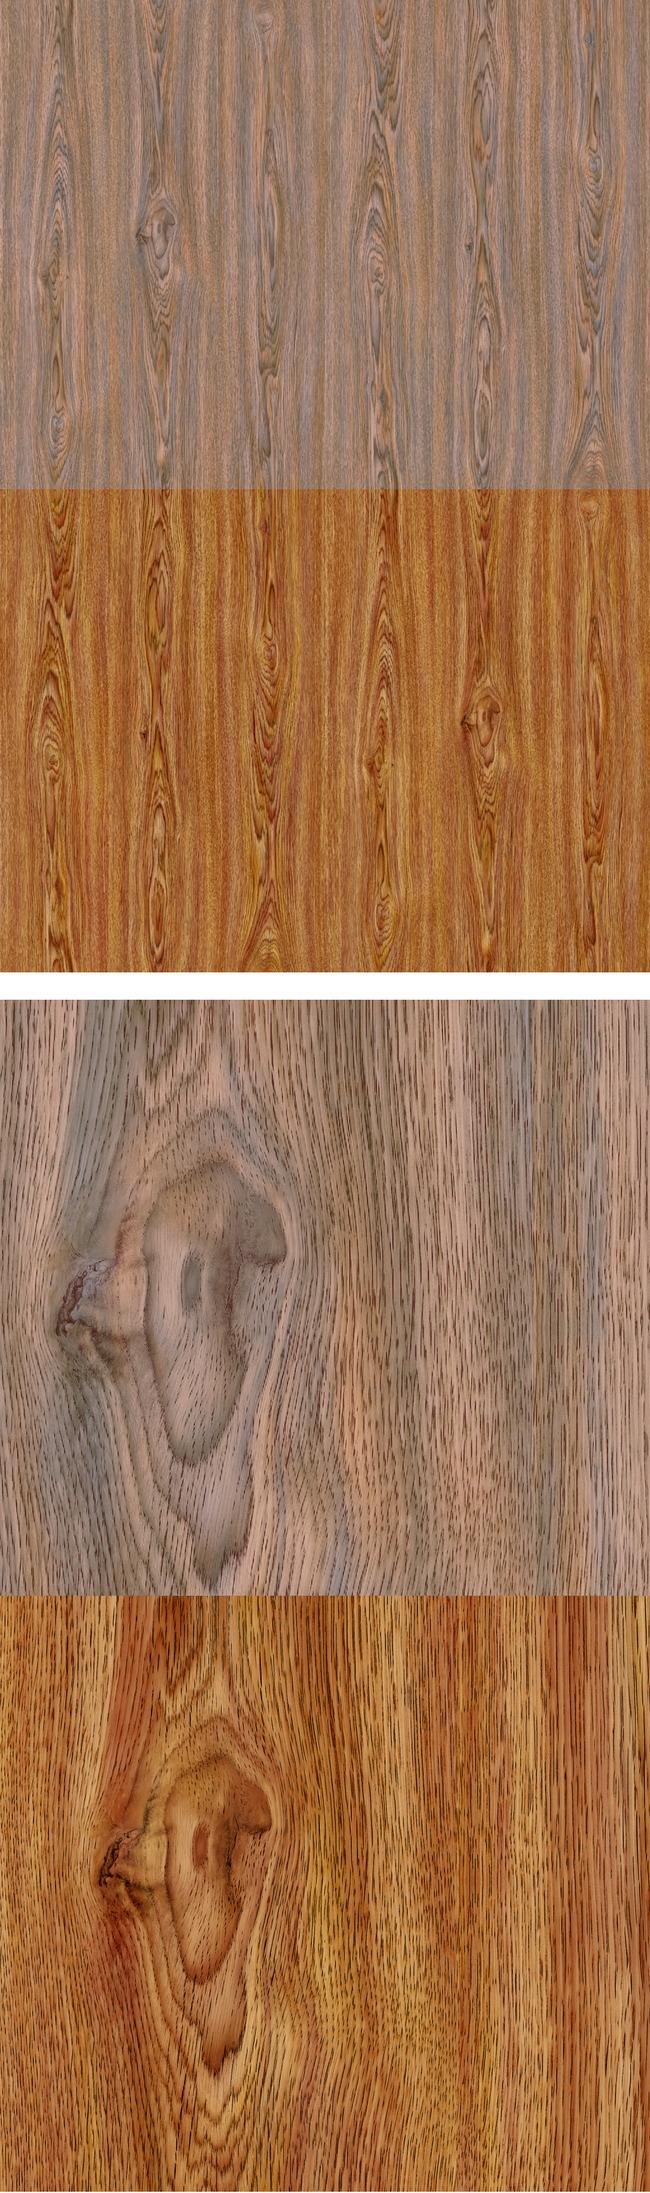 橡木木纹贴图素材制版文件